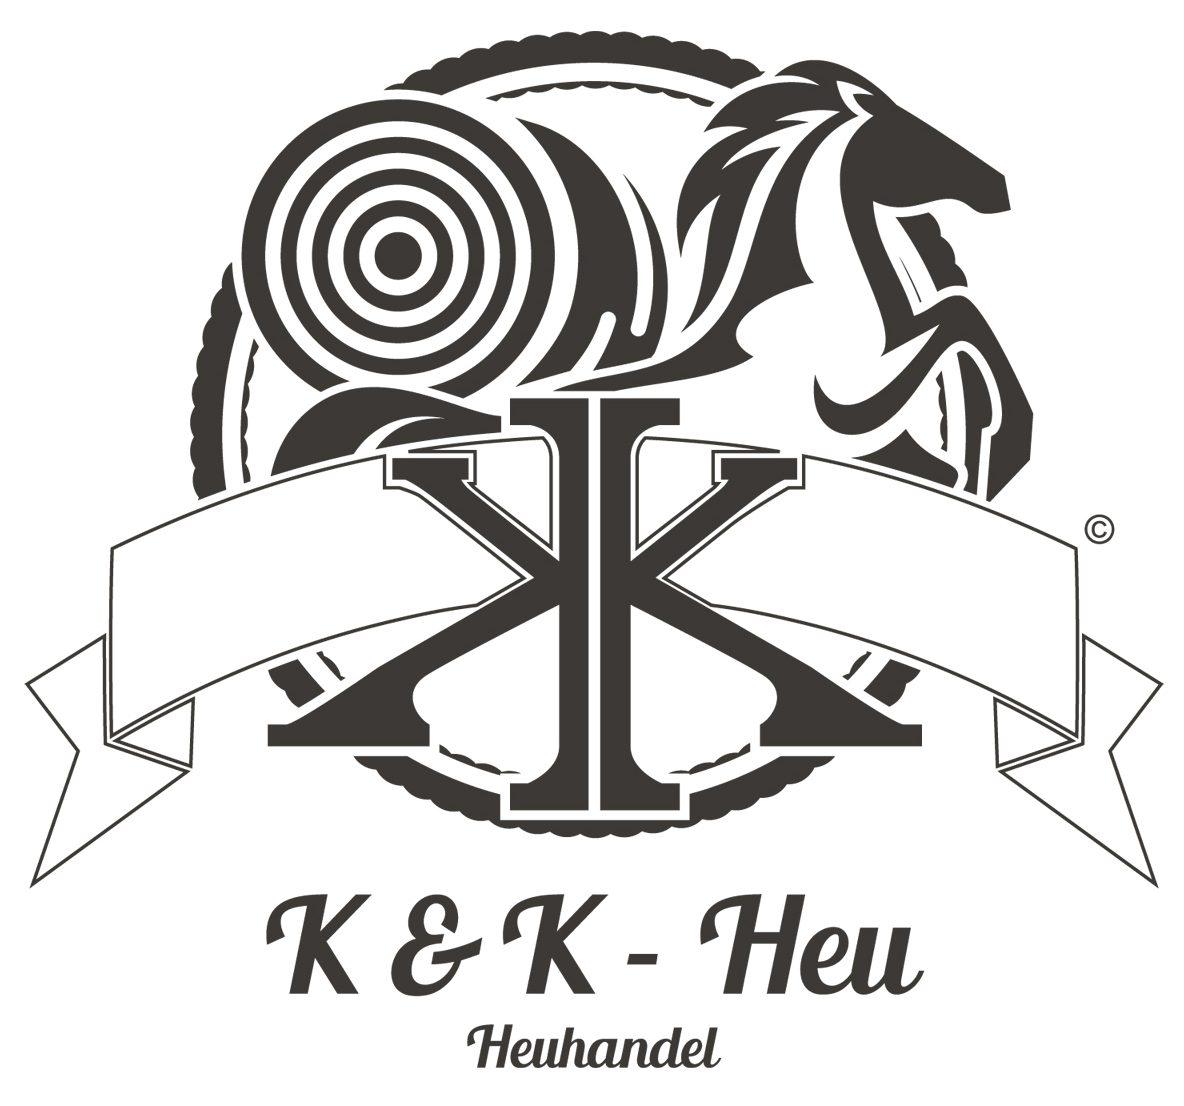 KK-Heuhandel